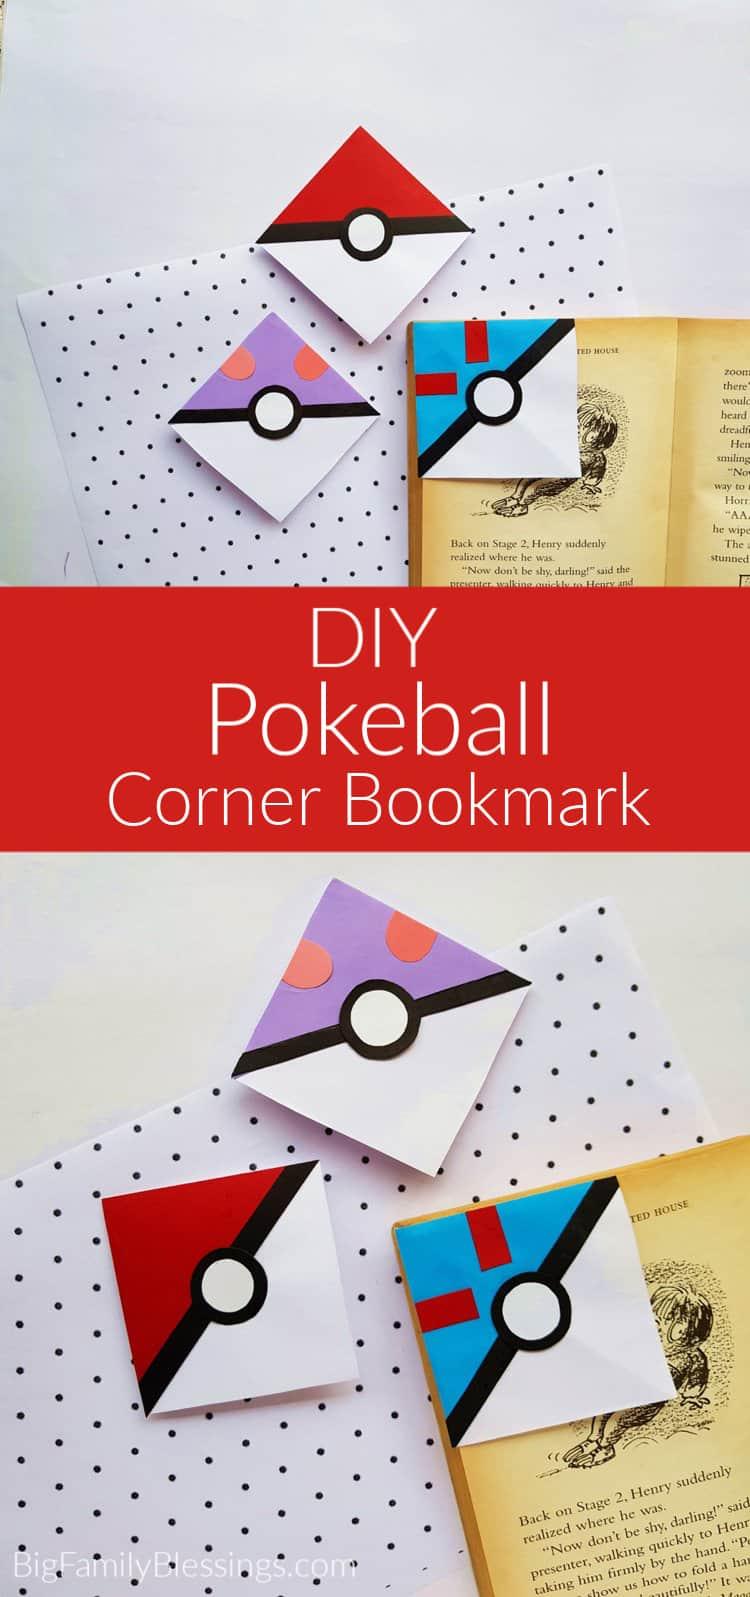 517 포켓몬 GO (포켓볼)2 - 1 색종이접기 Origami pokeball 종이접기 ... | 1597x750